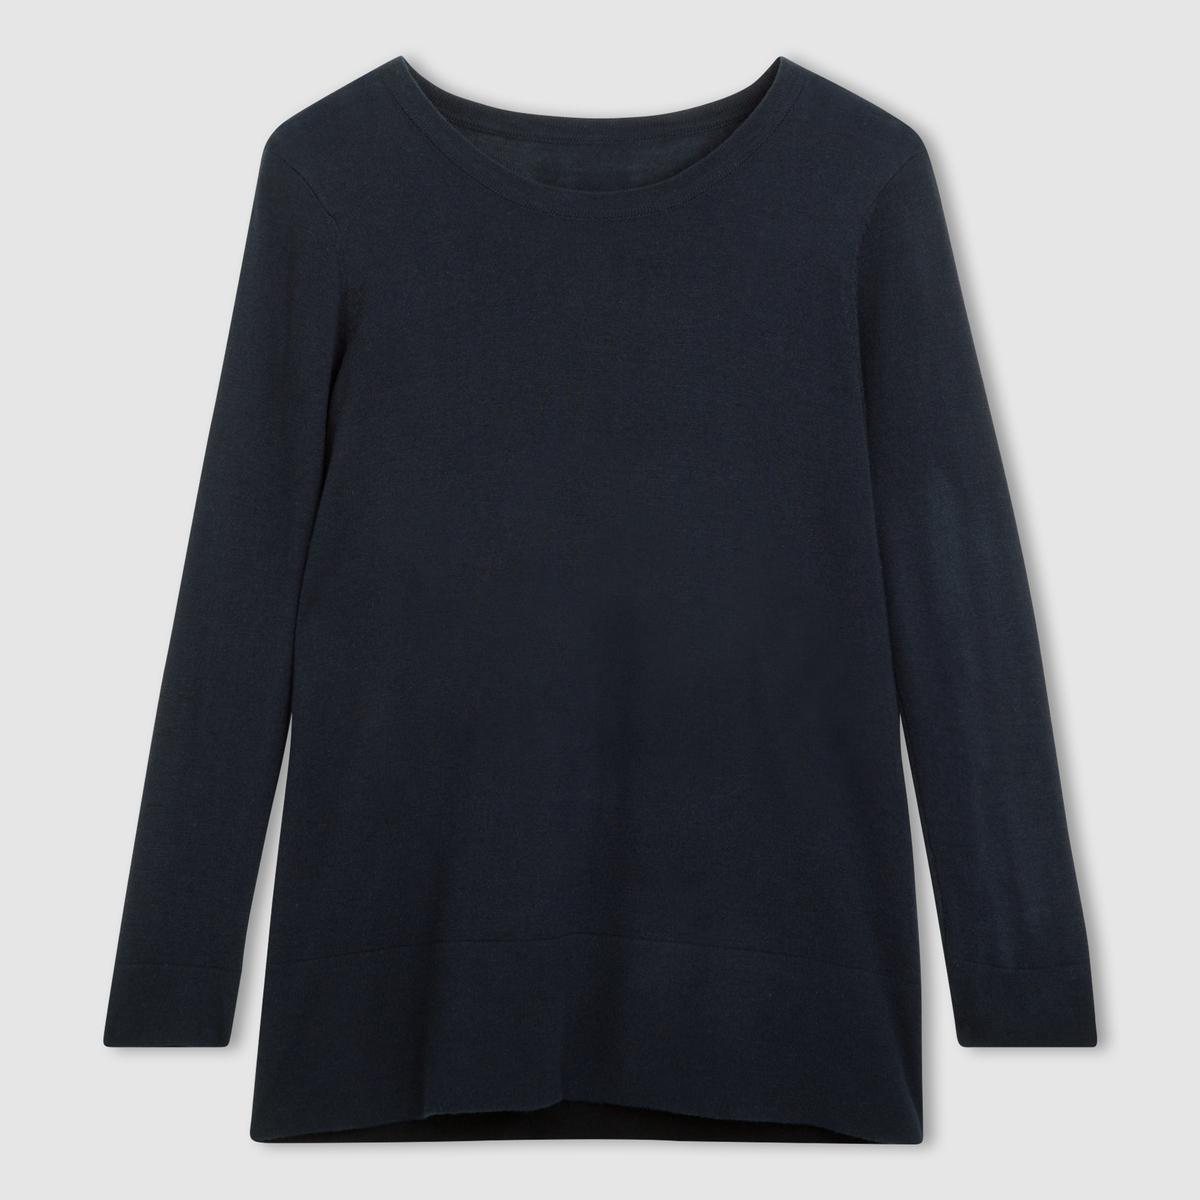 Пуловер 50% вискозы. Длинные рукава